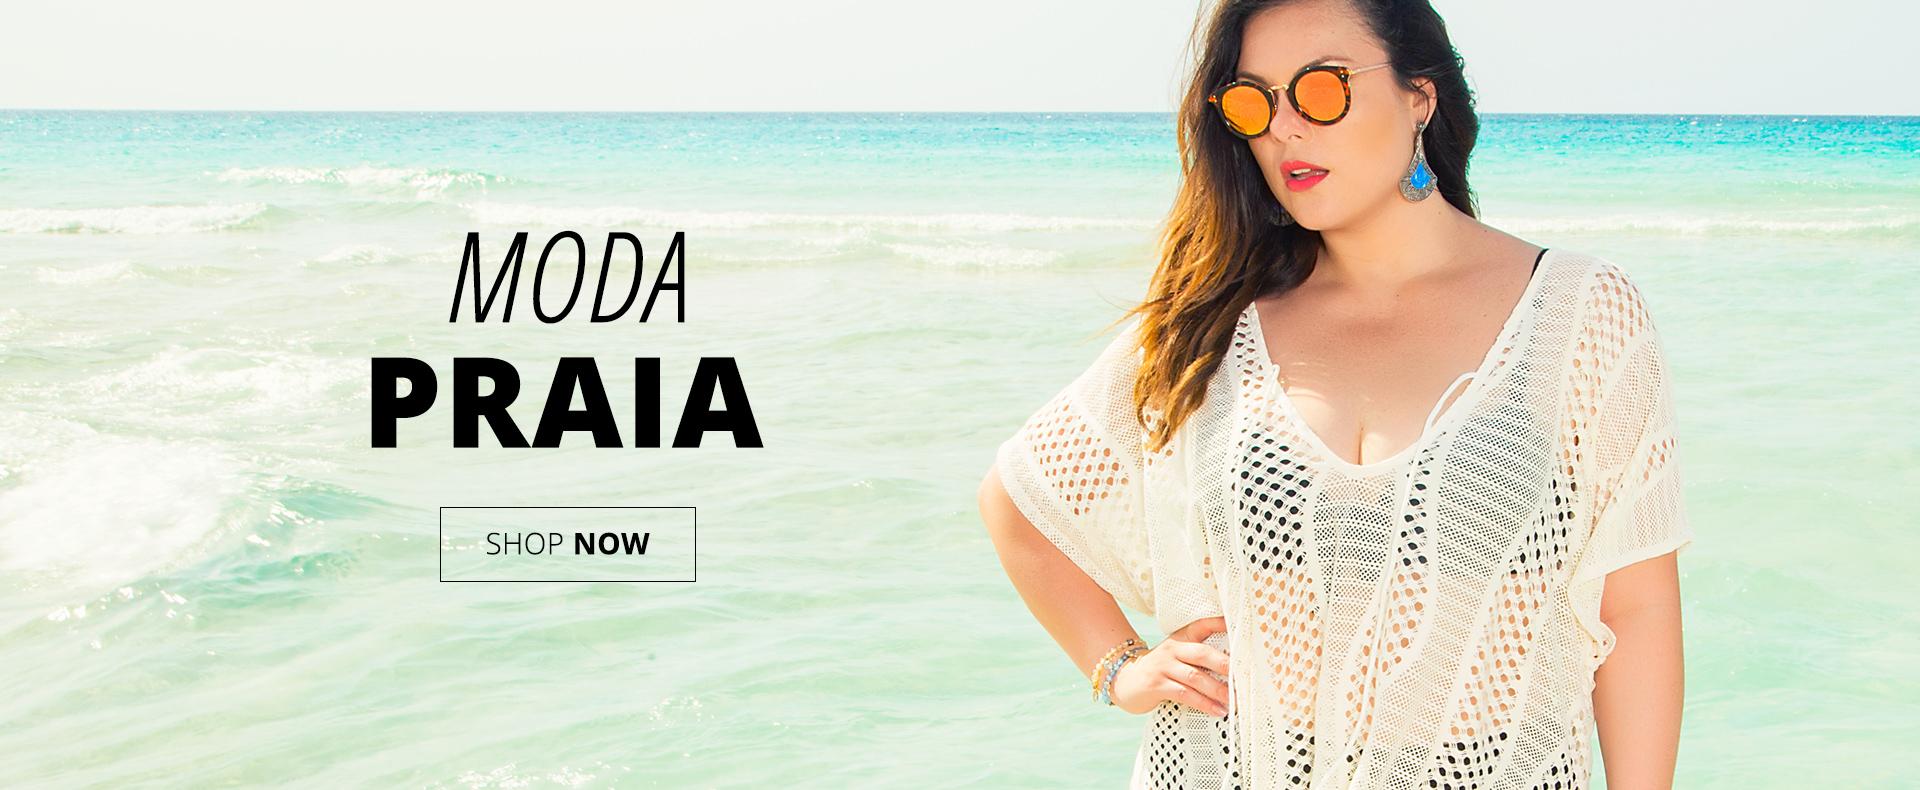 Banner Principal - Moda Praia